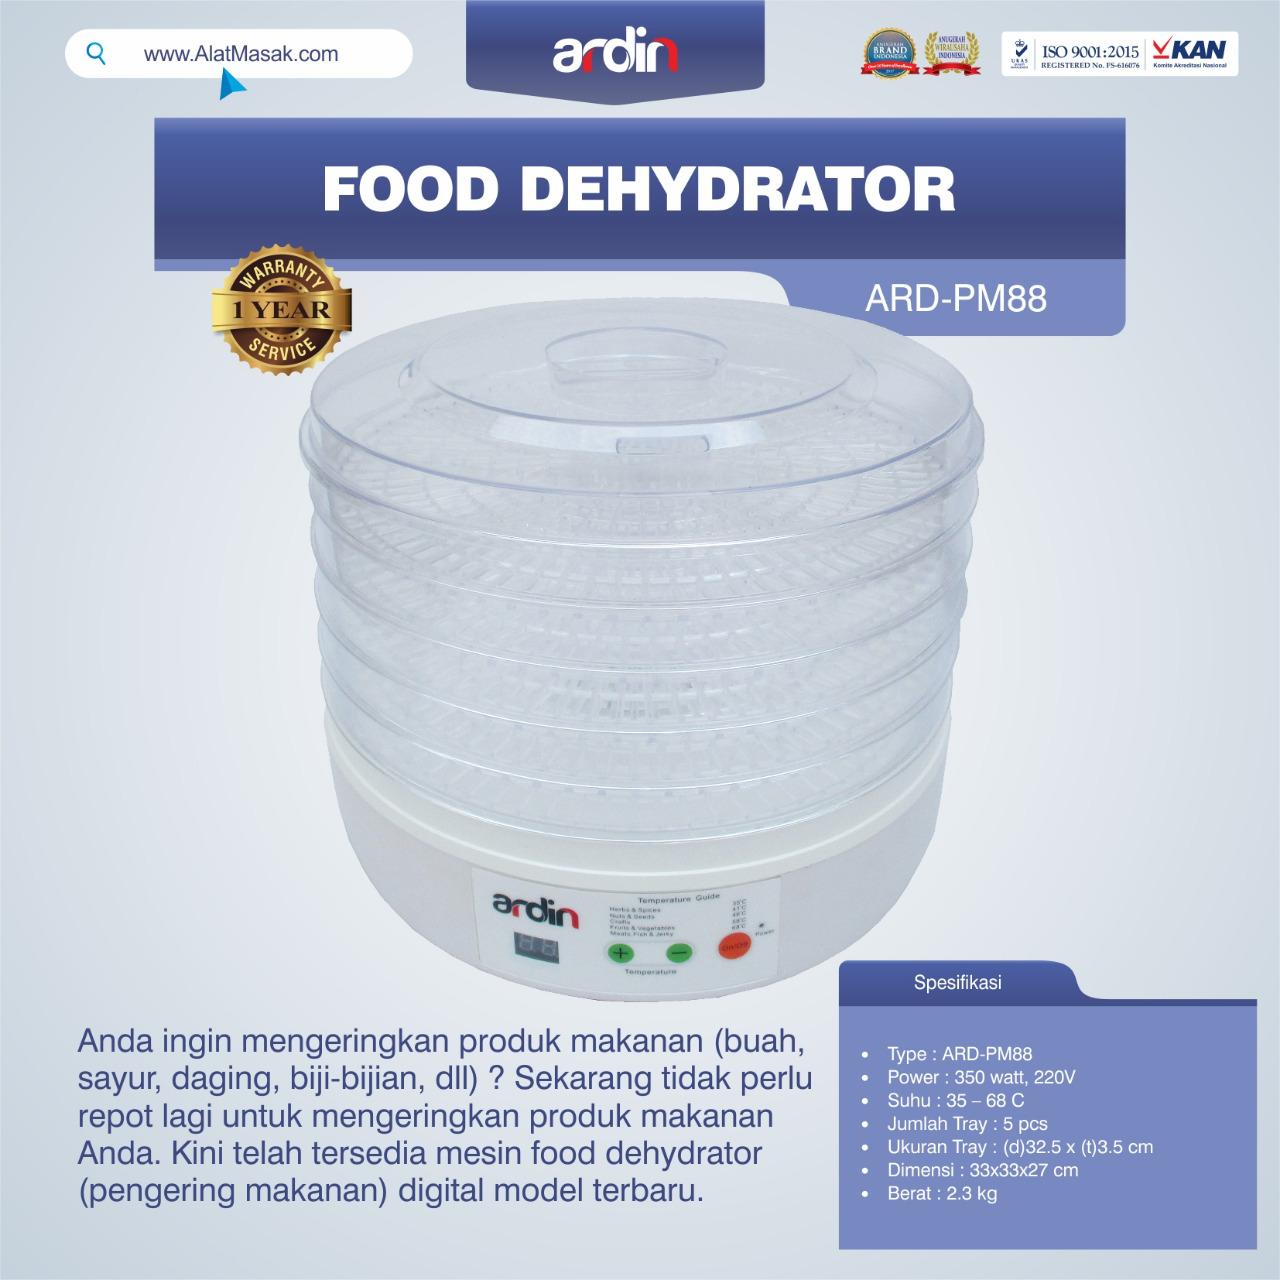 Jual Food Dehydrator ARD-PM88 di Jakarta